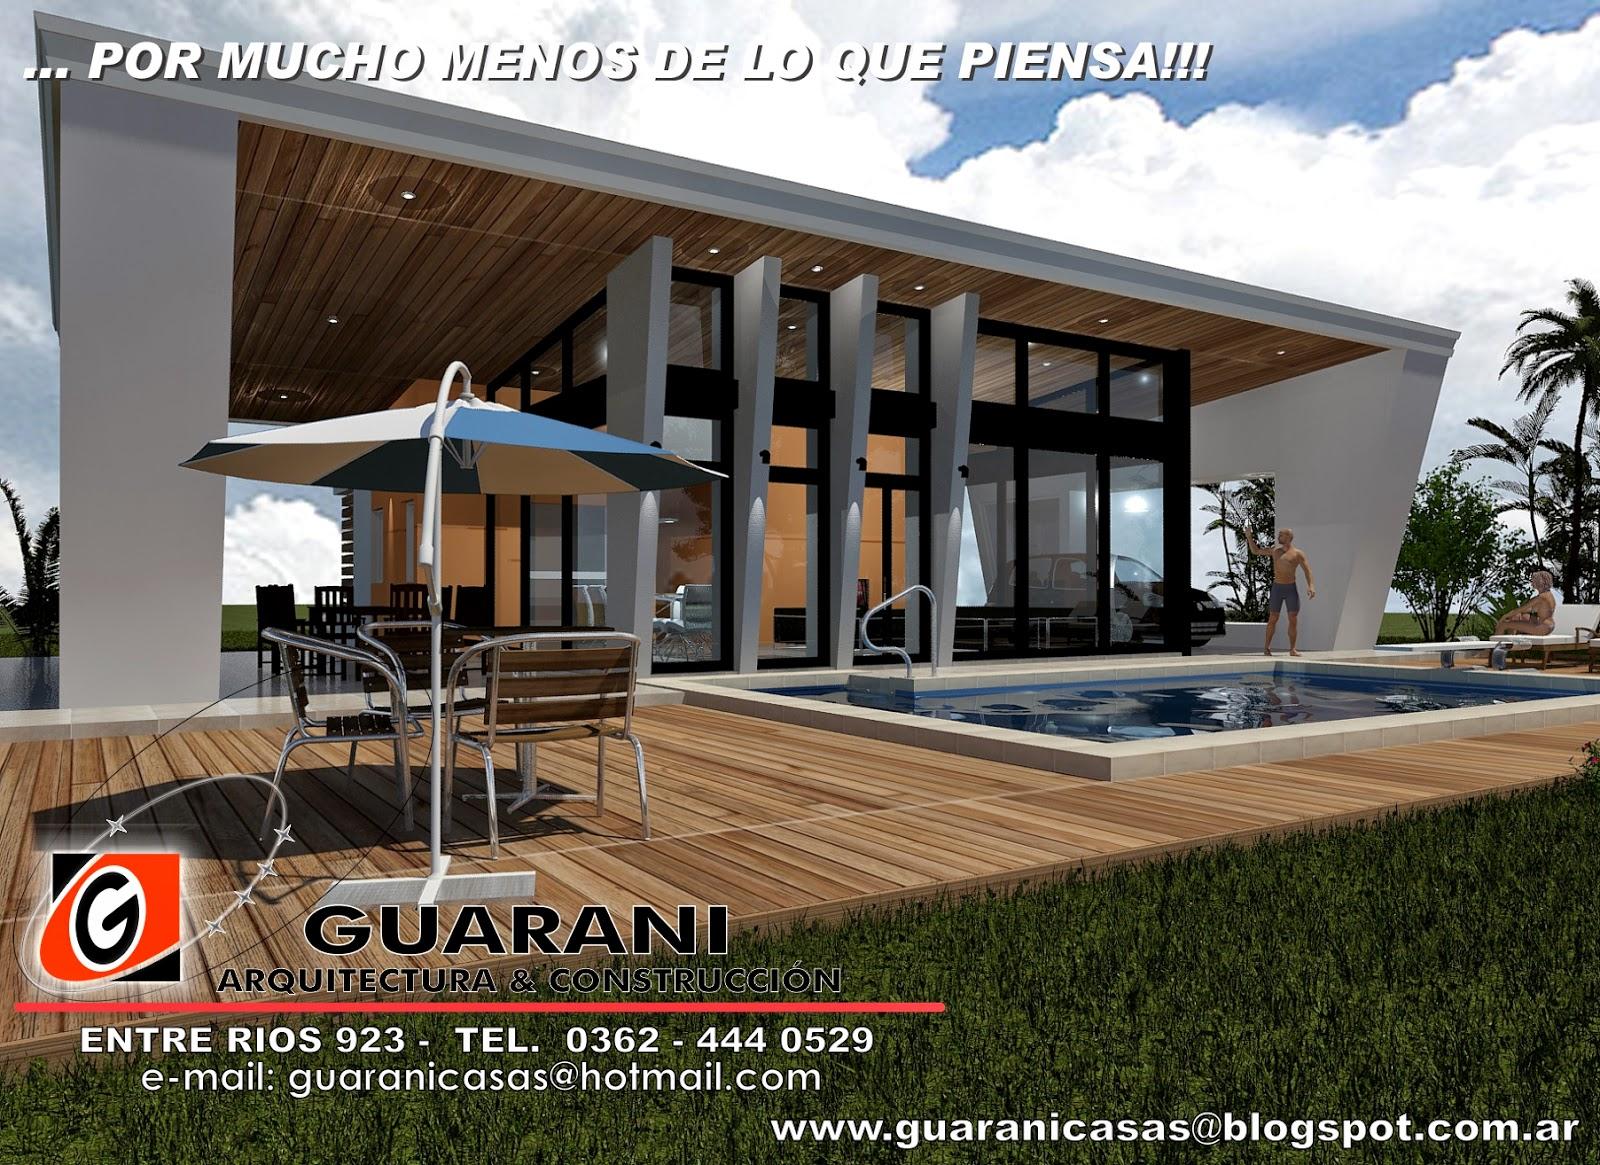 ARQUITECTURA Y CONSTRUCCION: DISEÑO / CASA DE CAMPO